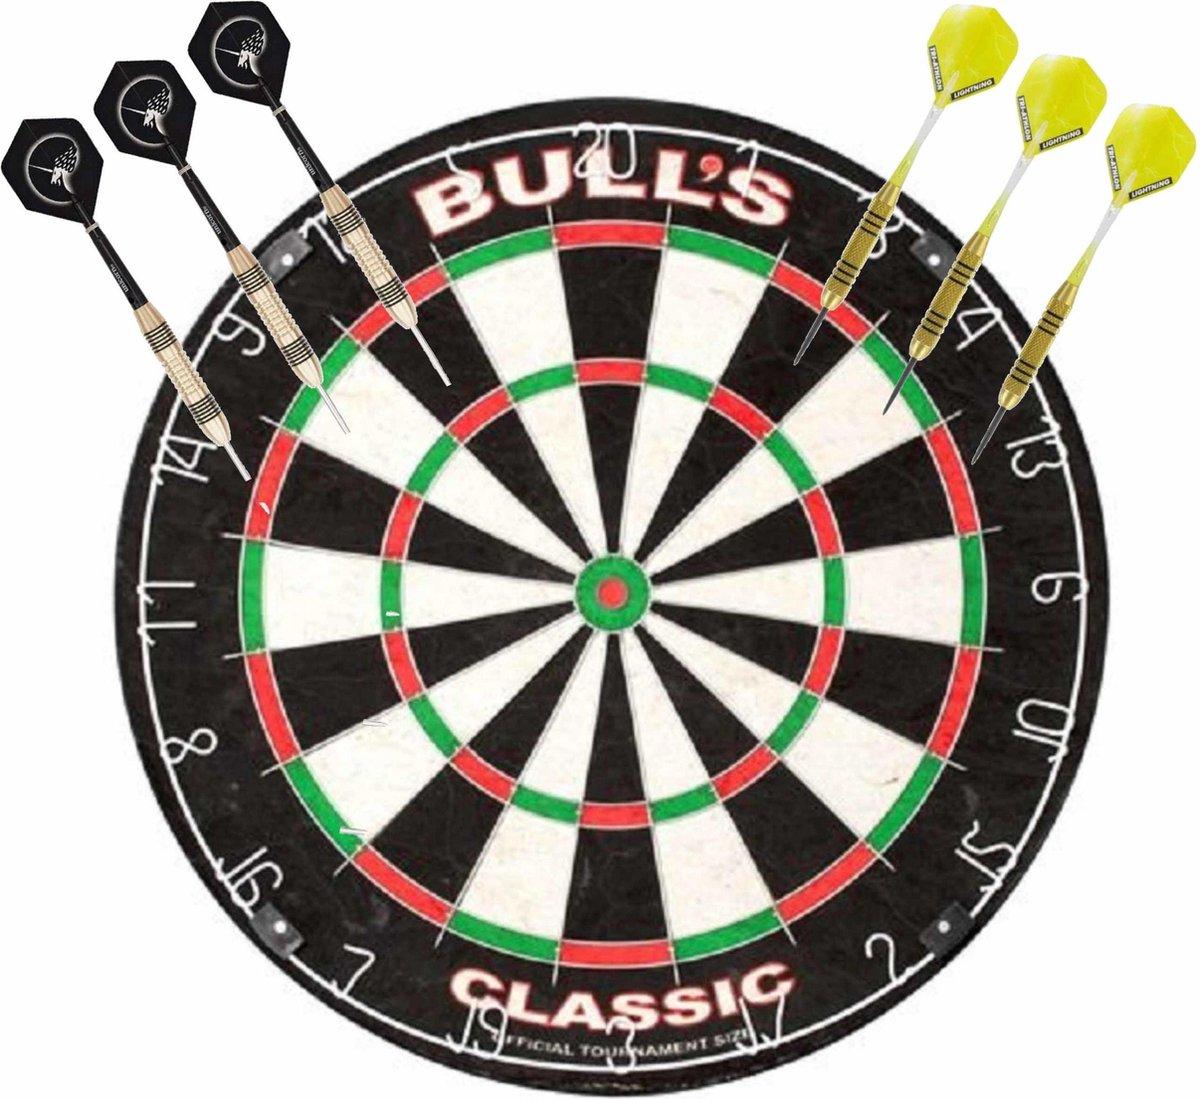 Professioneel dartbord Bulls The Classic incl 2 sets dartpijlen 23 grams - Sportief spelen - Darten/darts - Dartborden voor kinderen en volwassenen.